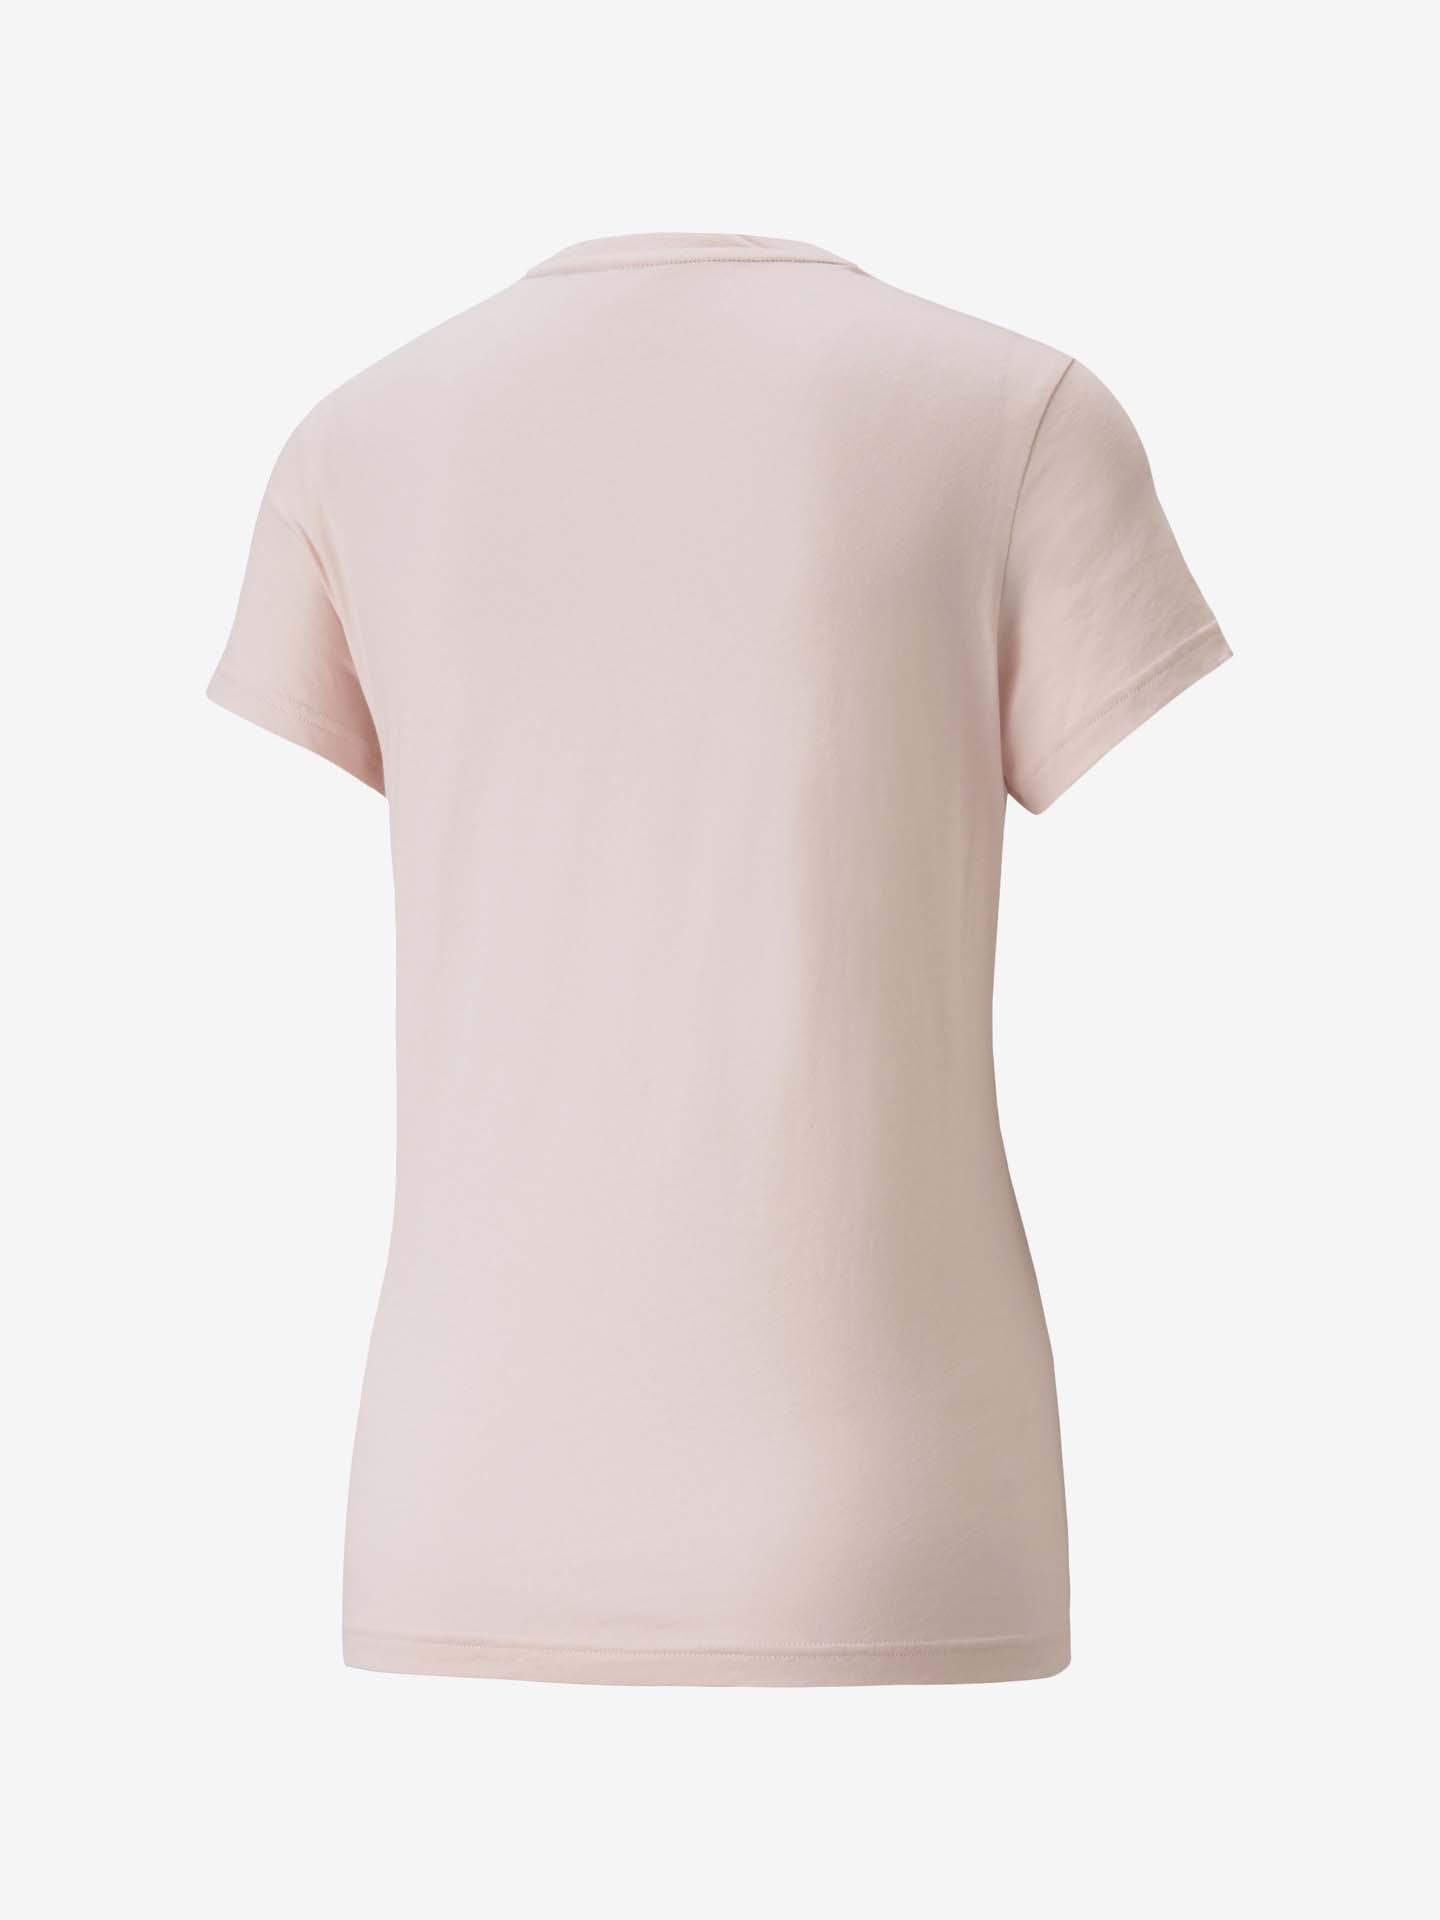 Puma Koszulka damska różowy  Logo